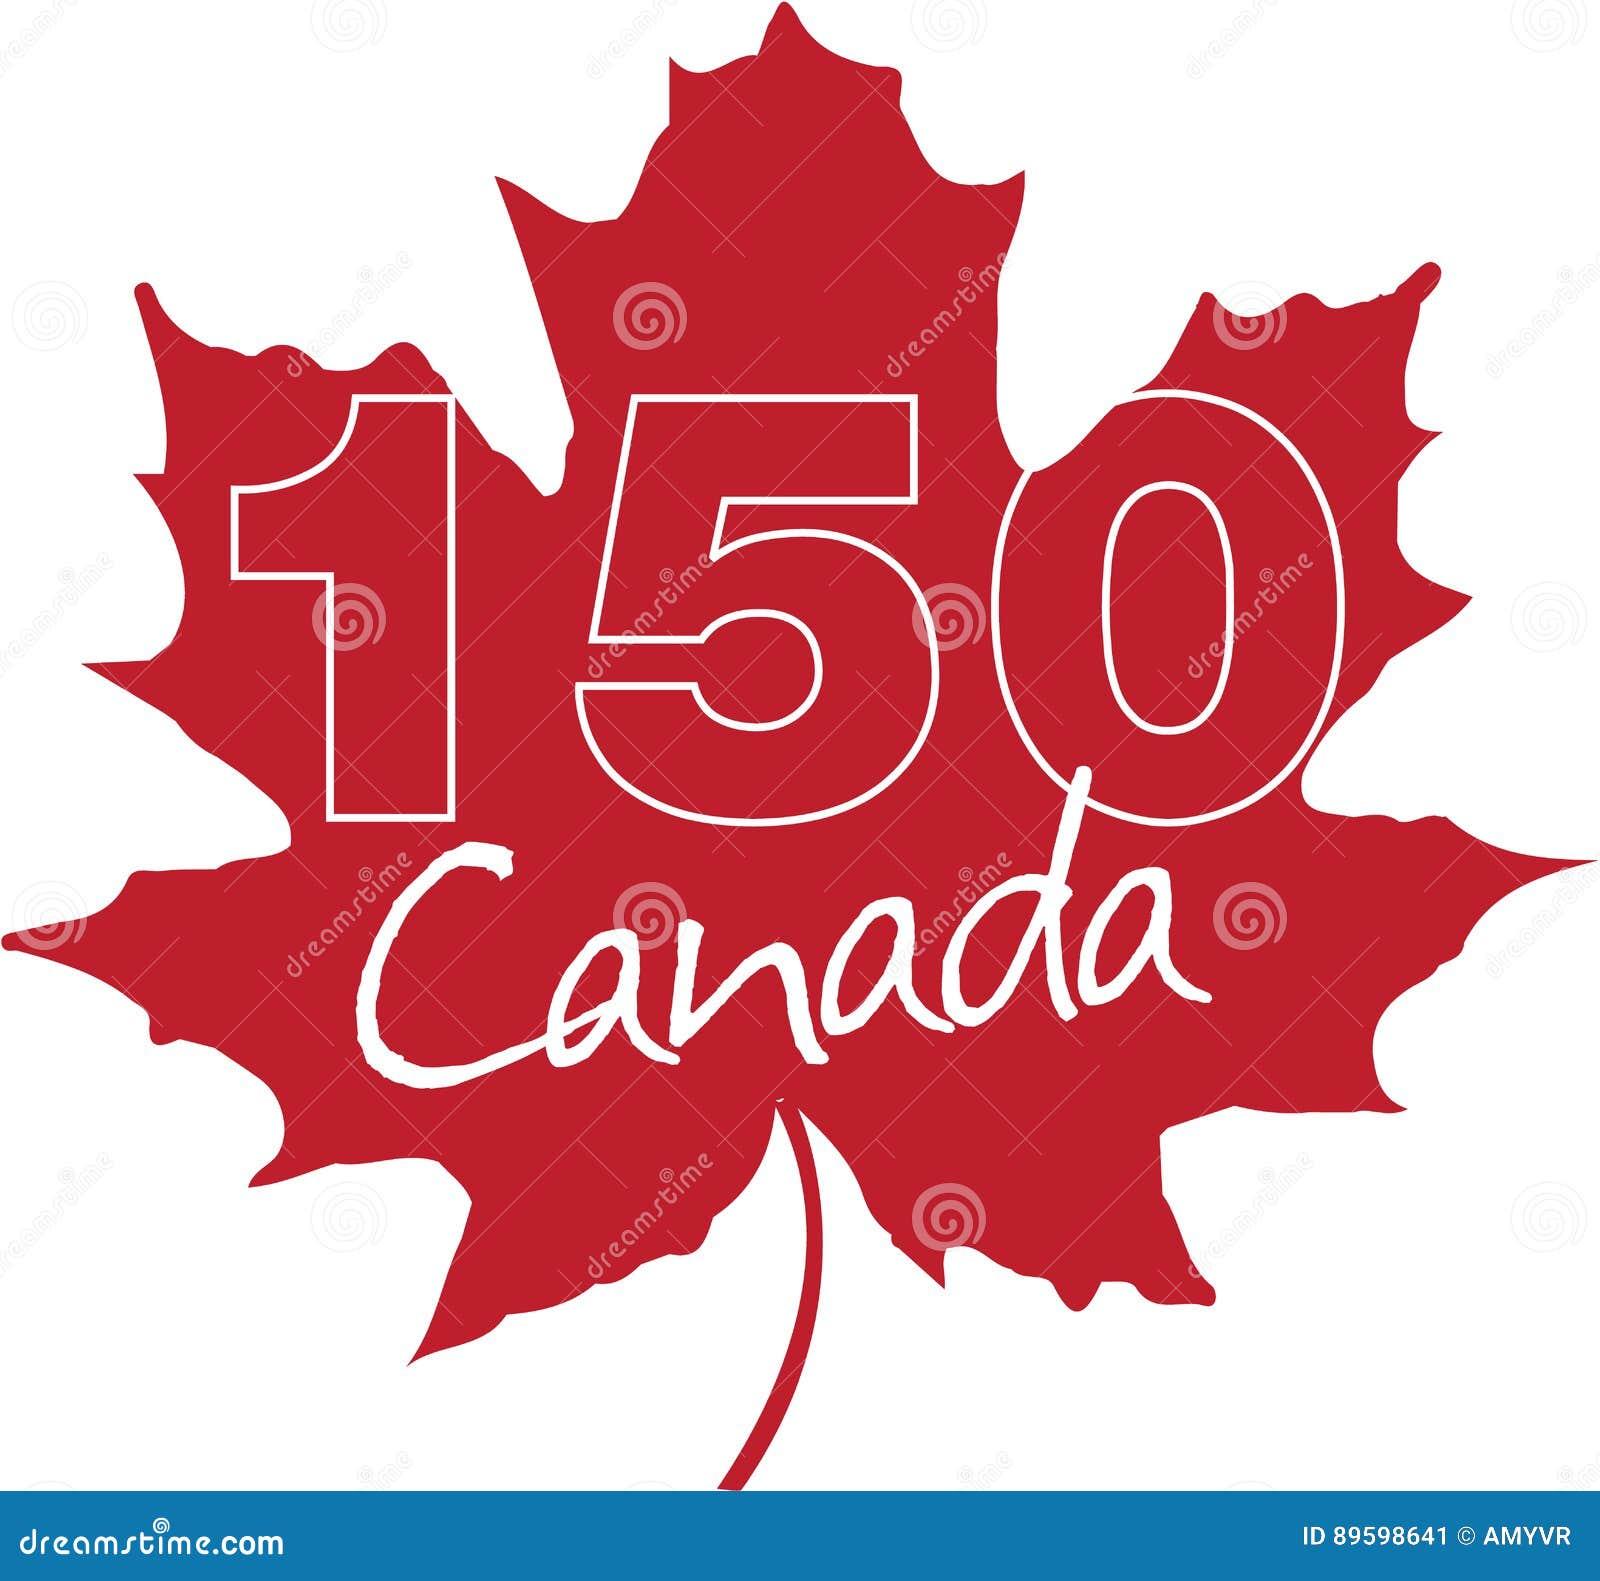 Canada Day 150th anniversary